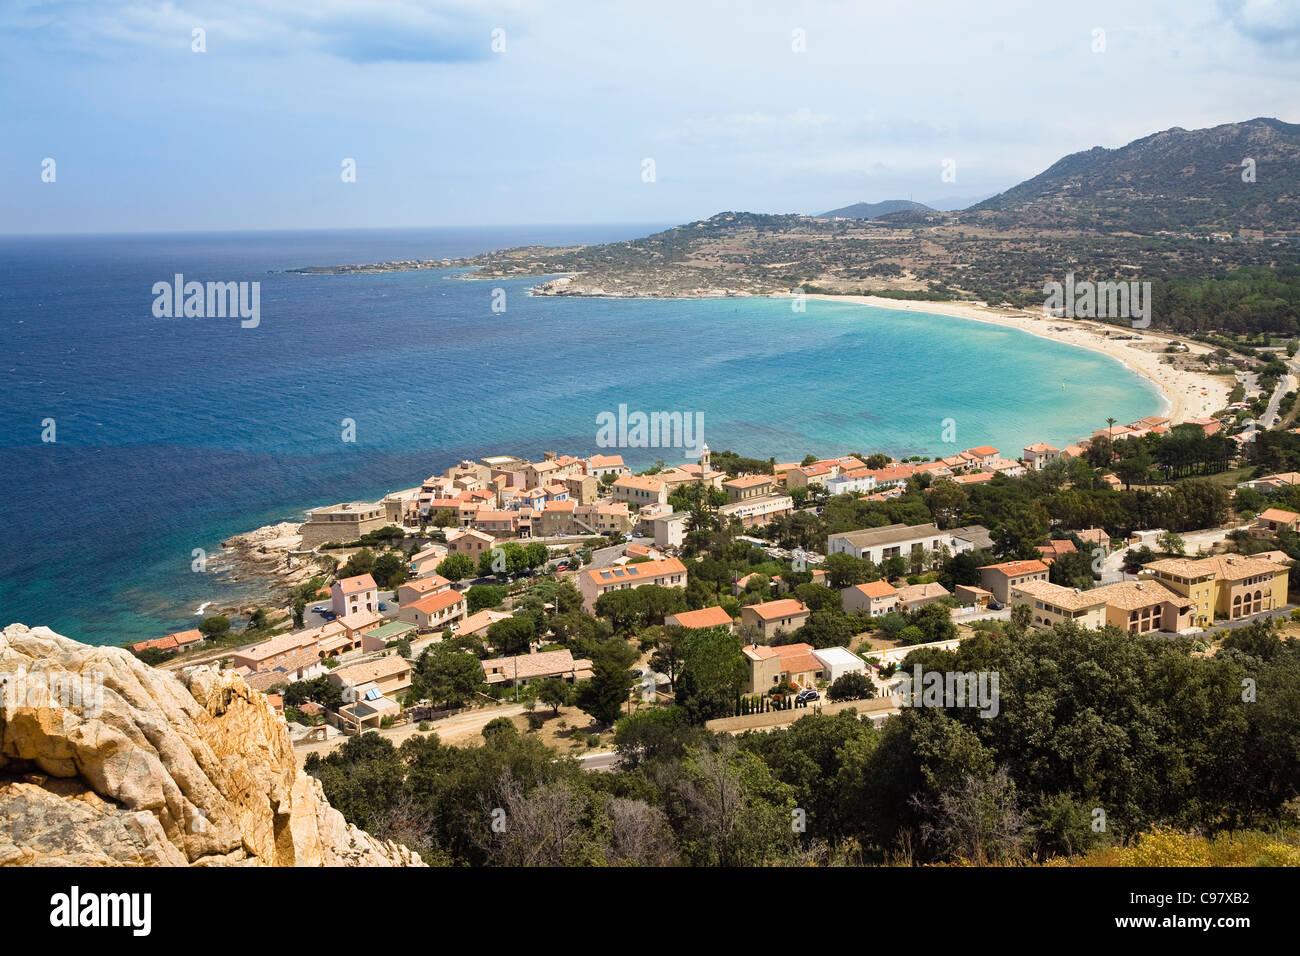 Algajola, costa noroeste, la región de Balagne, Córcega, Francia, Europa Foto de stock